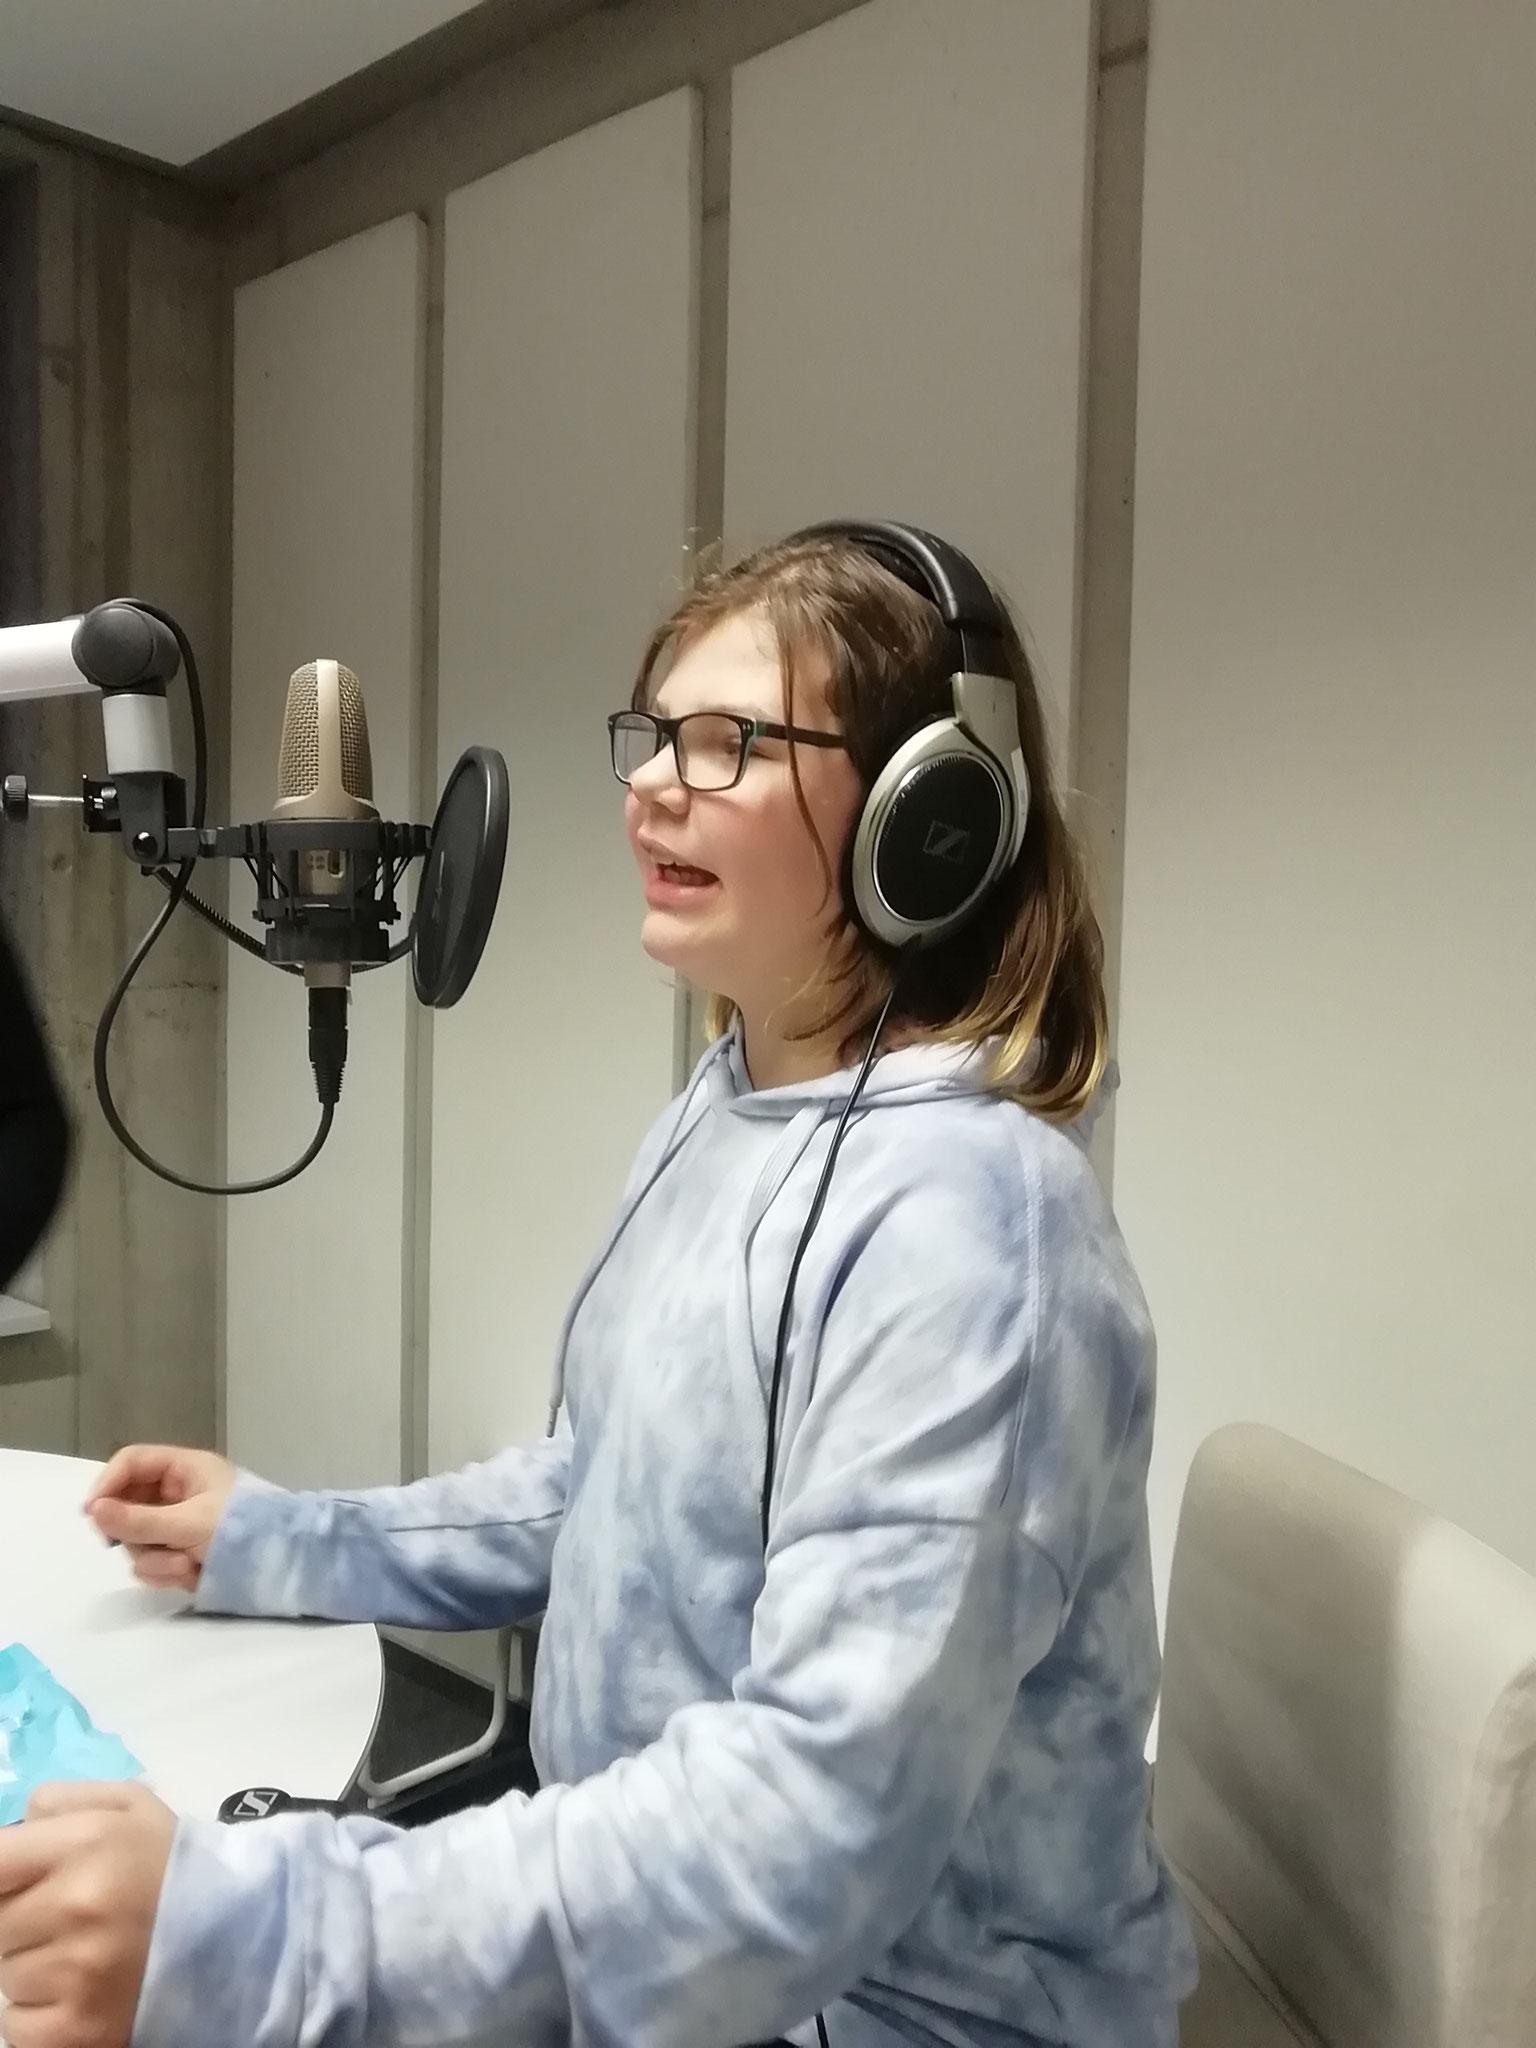 Unsere zukünftige Radiomoderatorin - zur Hörstation bitte hier klicken!